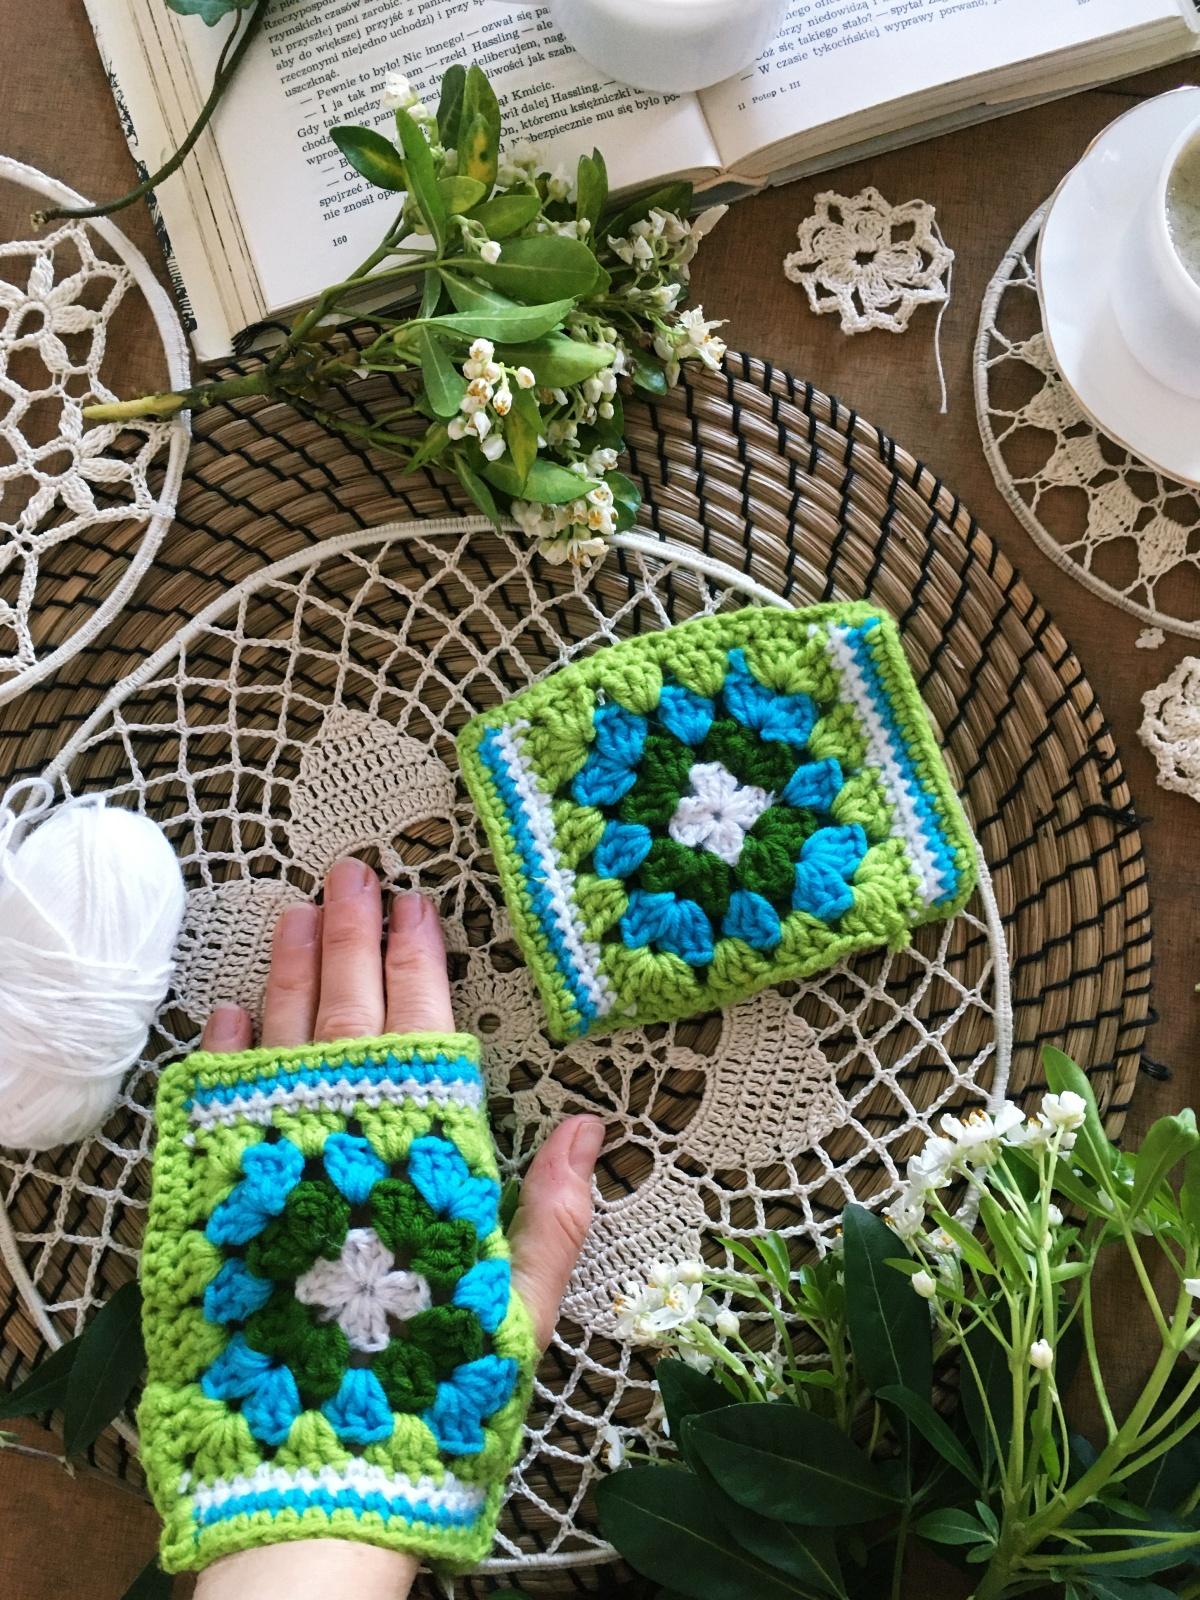 Wielokolorowe mitenki na szydelku. Crochet Granny square